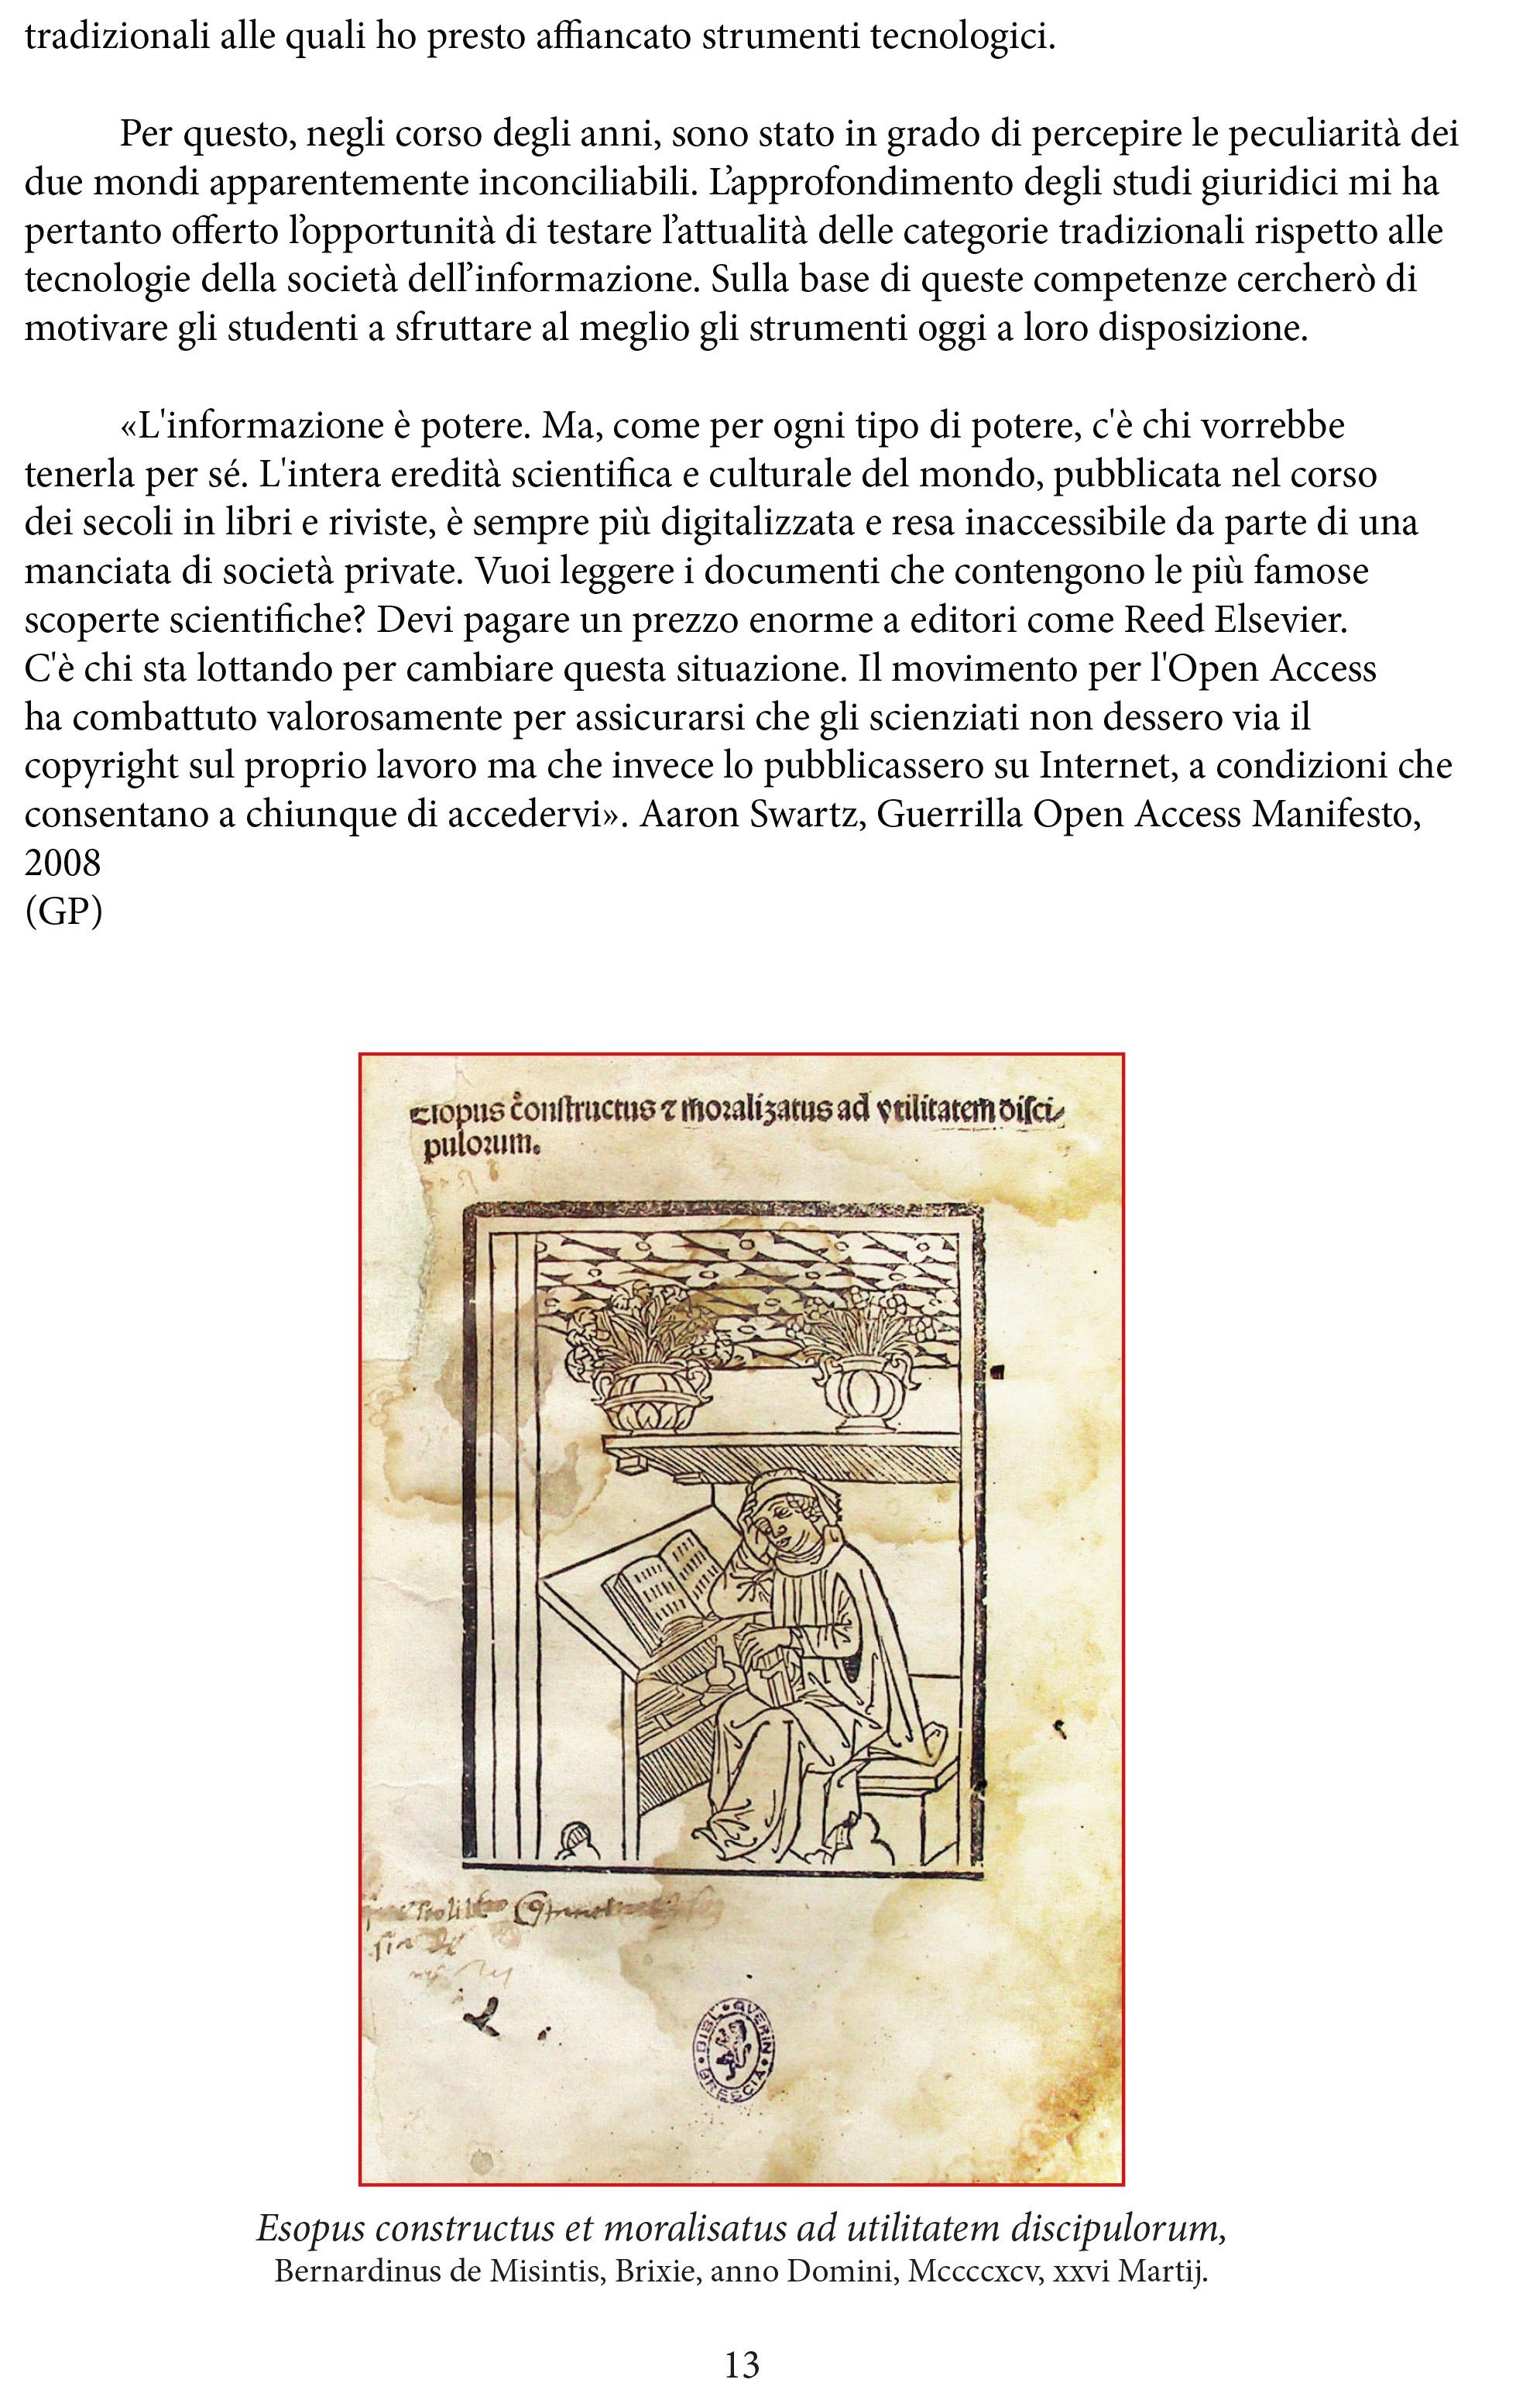 STUDIARE AL TEMPO DI INTERNET-13